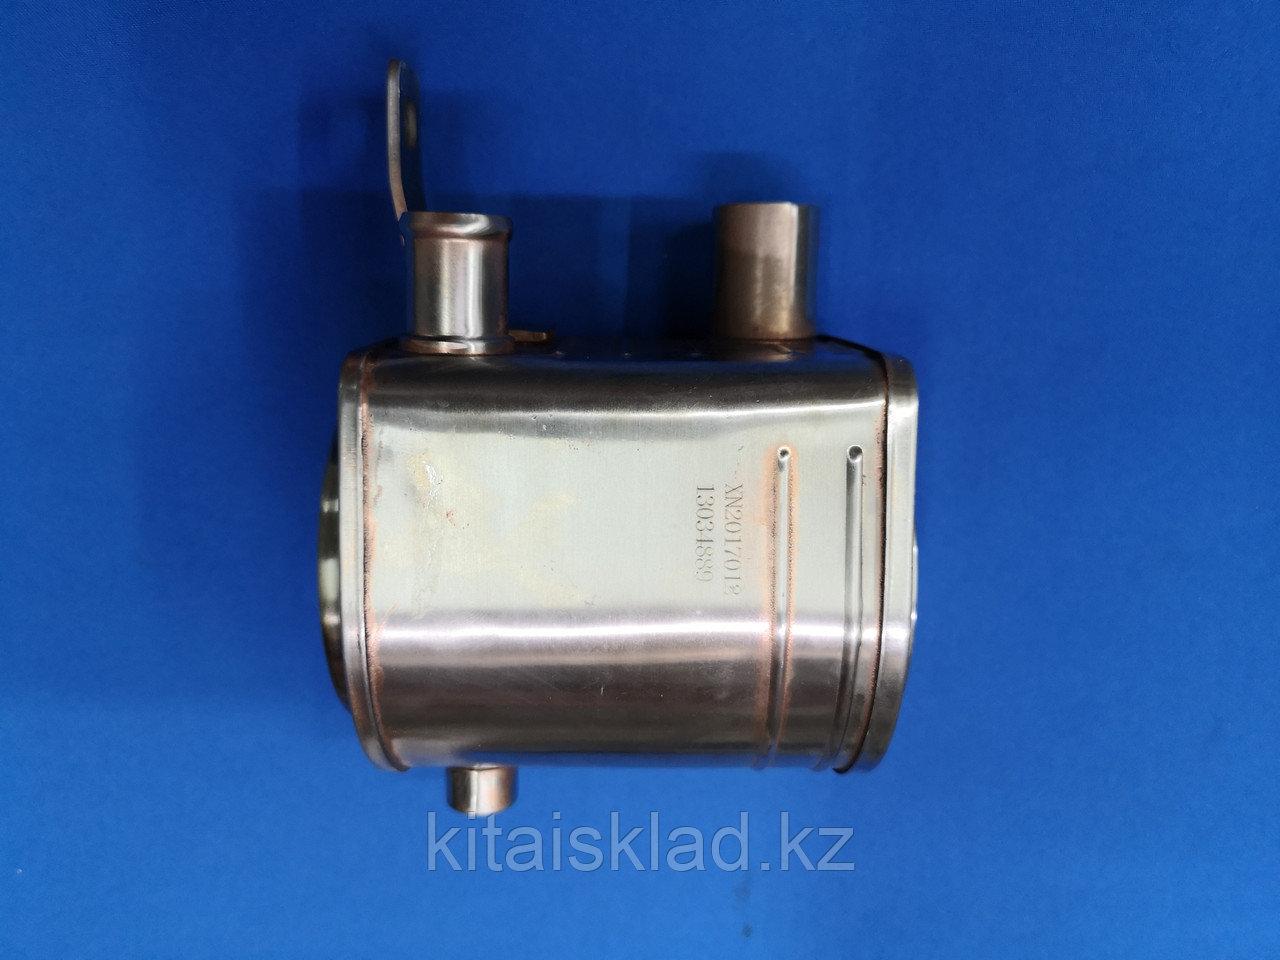 Теплообменник масляный Deutz 13034889, 4110000991019, W47002044 погрузчика SEM